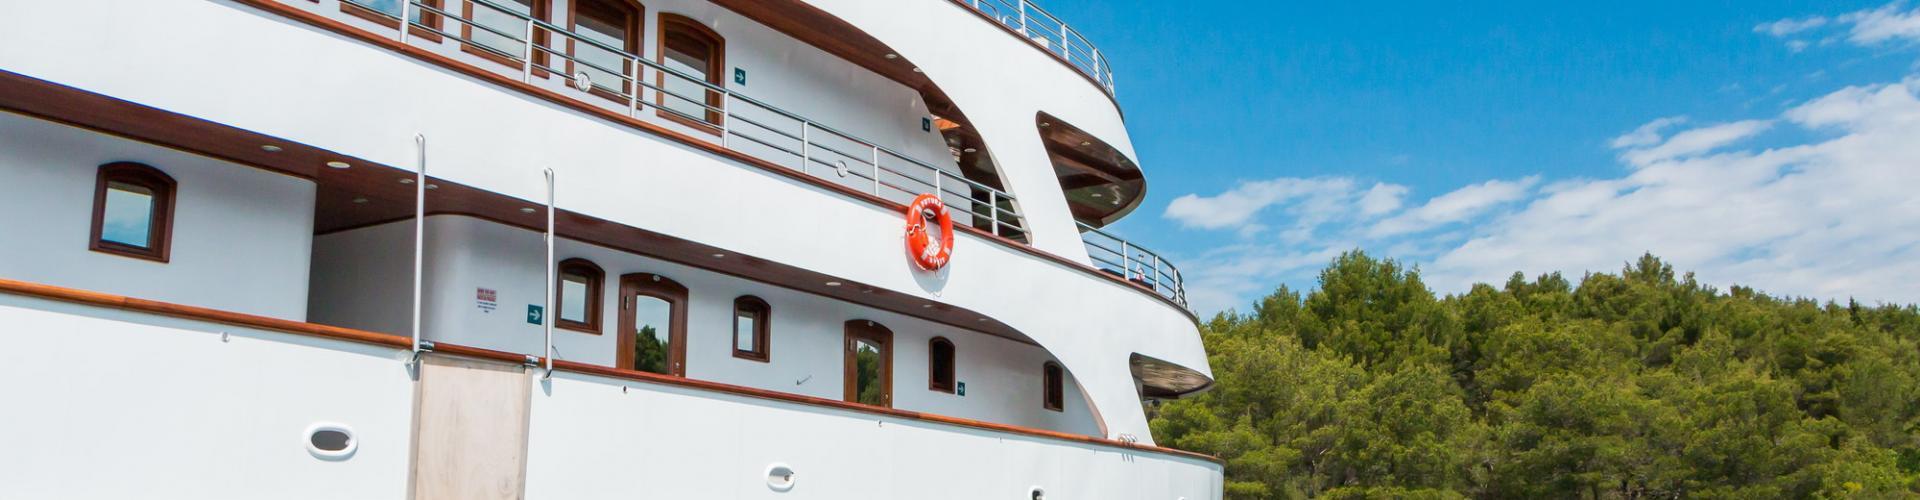 2013. Deluxe Superior nave da crociera MV Futura